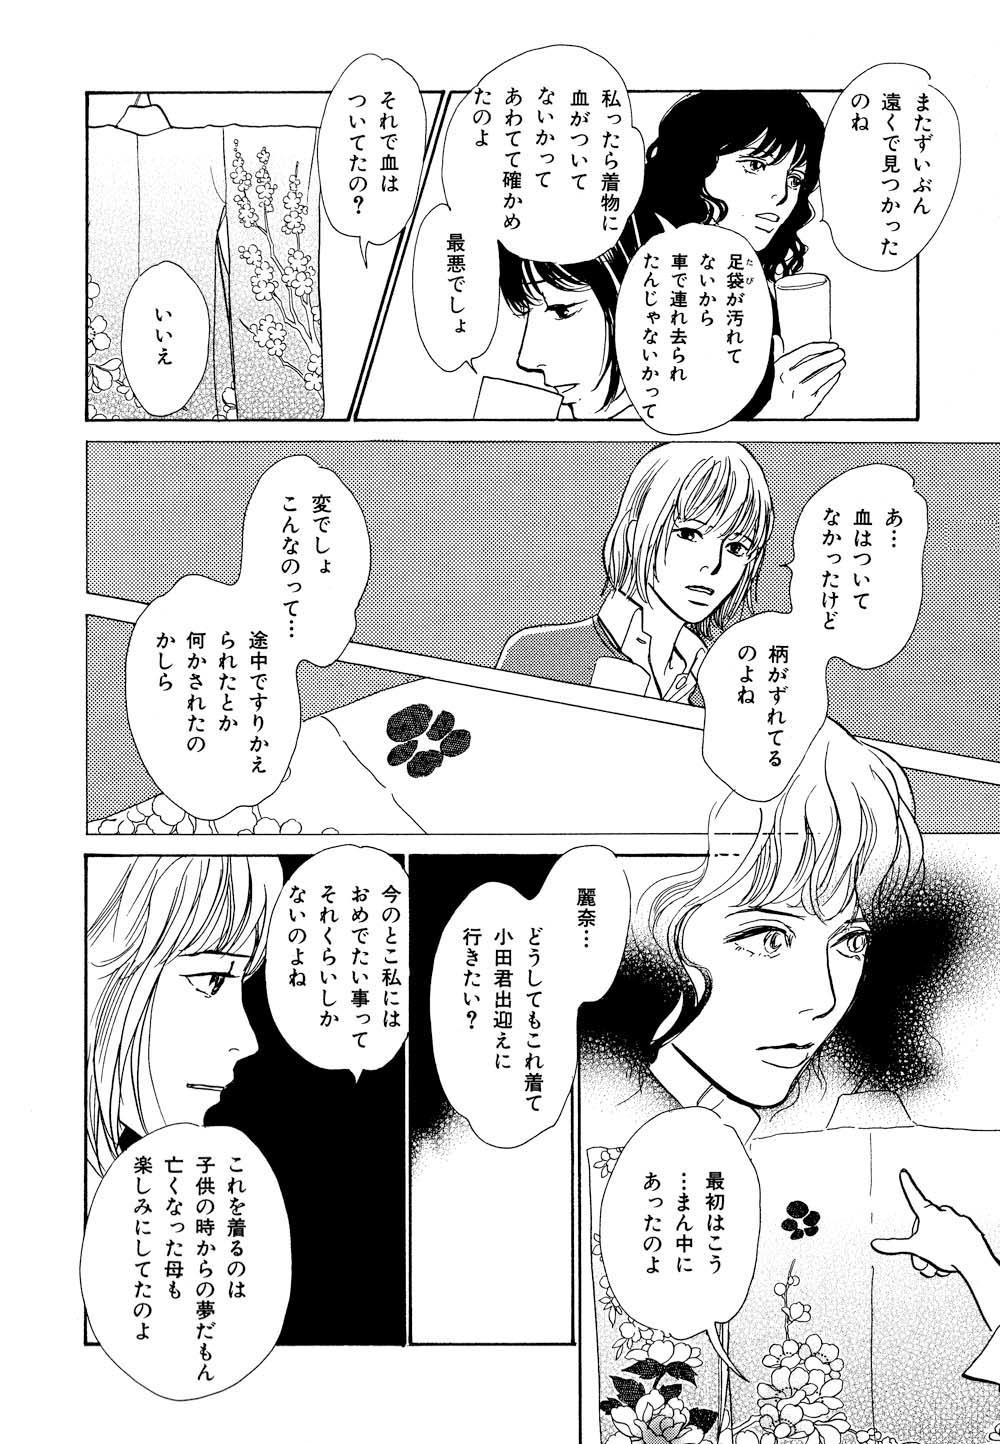 百鬼夜行抄_13_0102.jpg